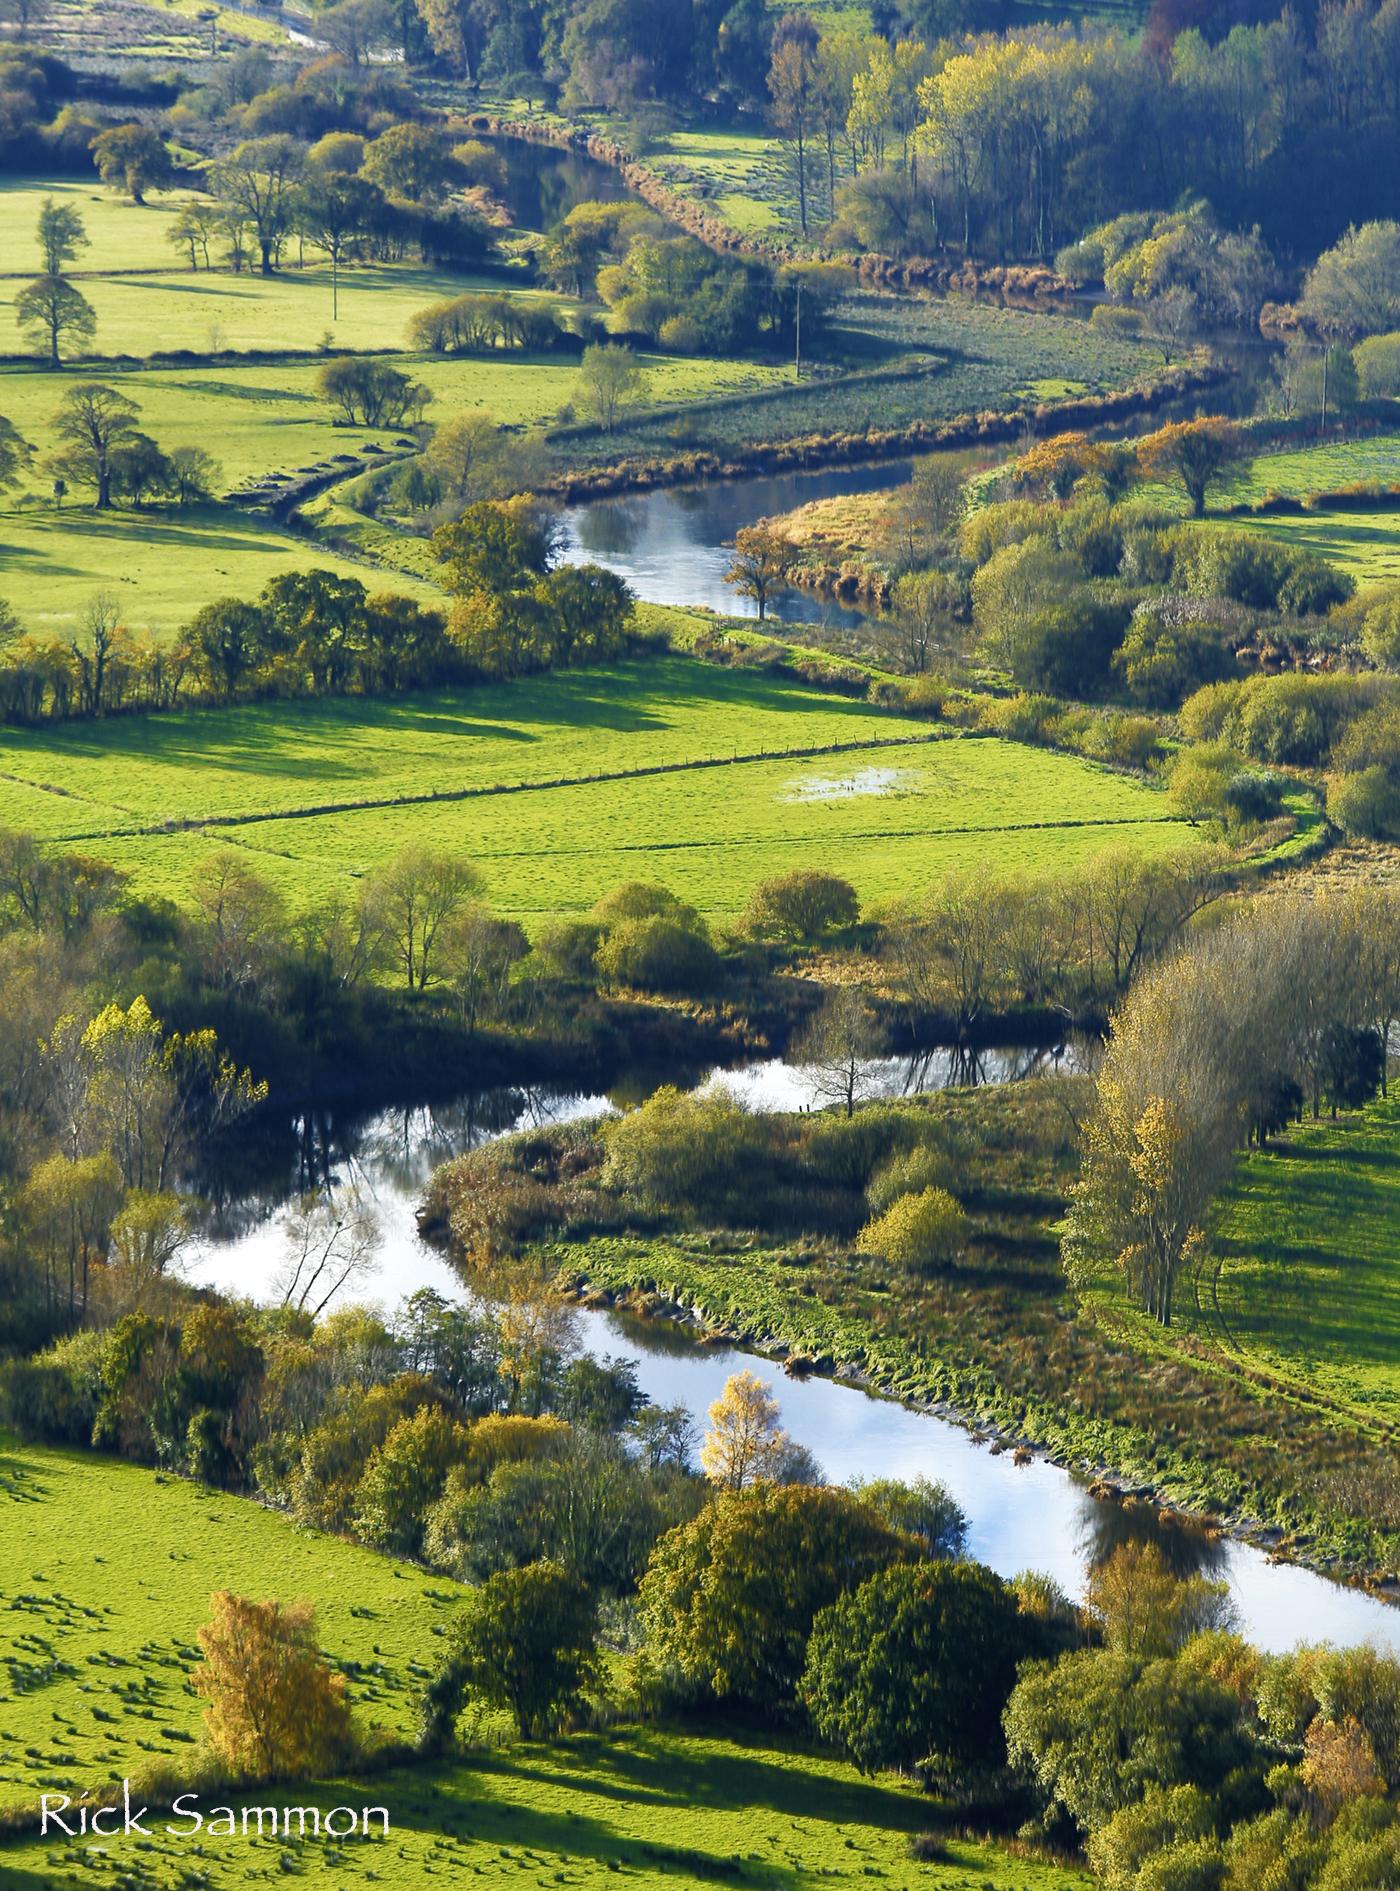 rick sammon conwy valley north wales copy.jpg